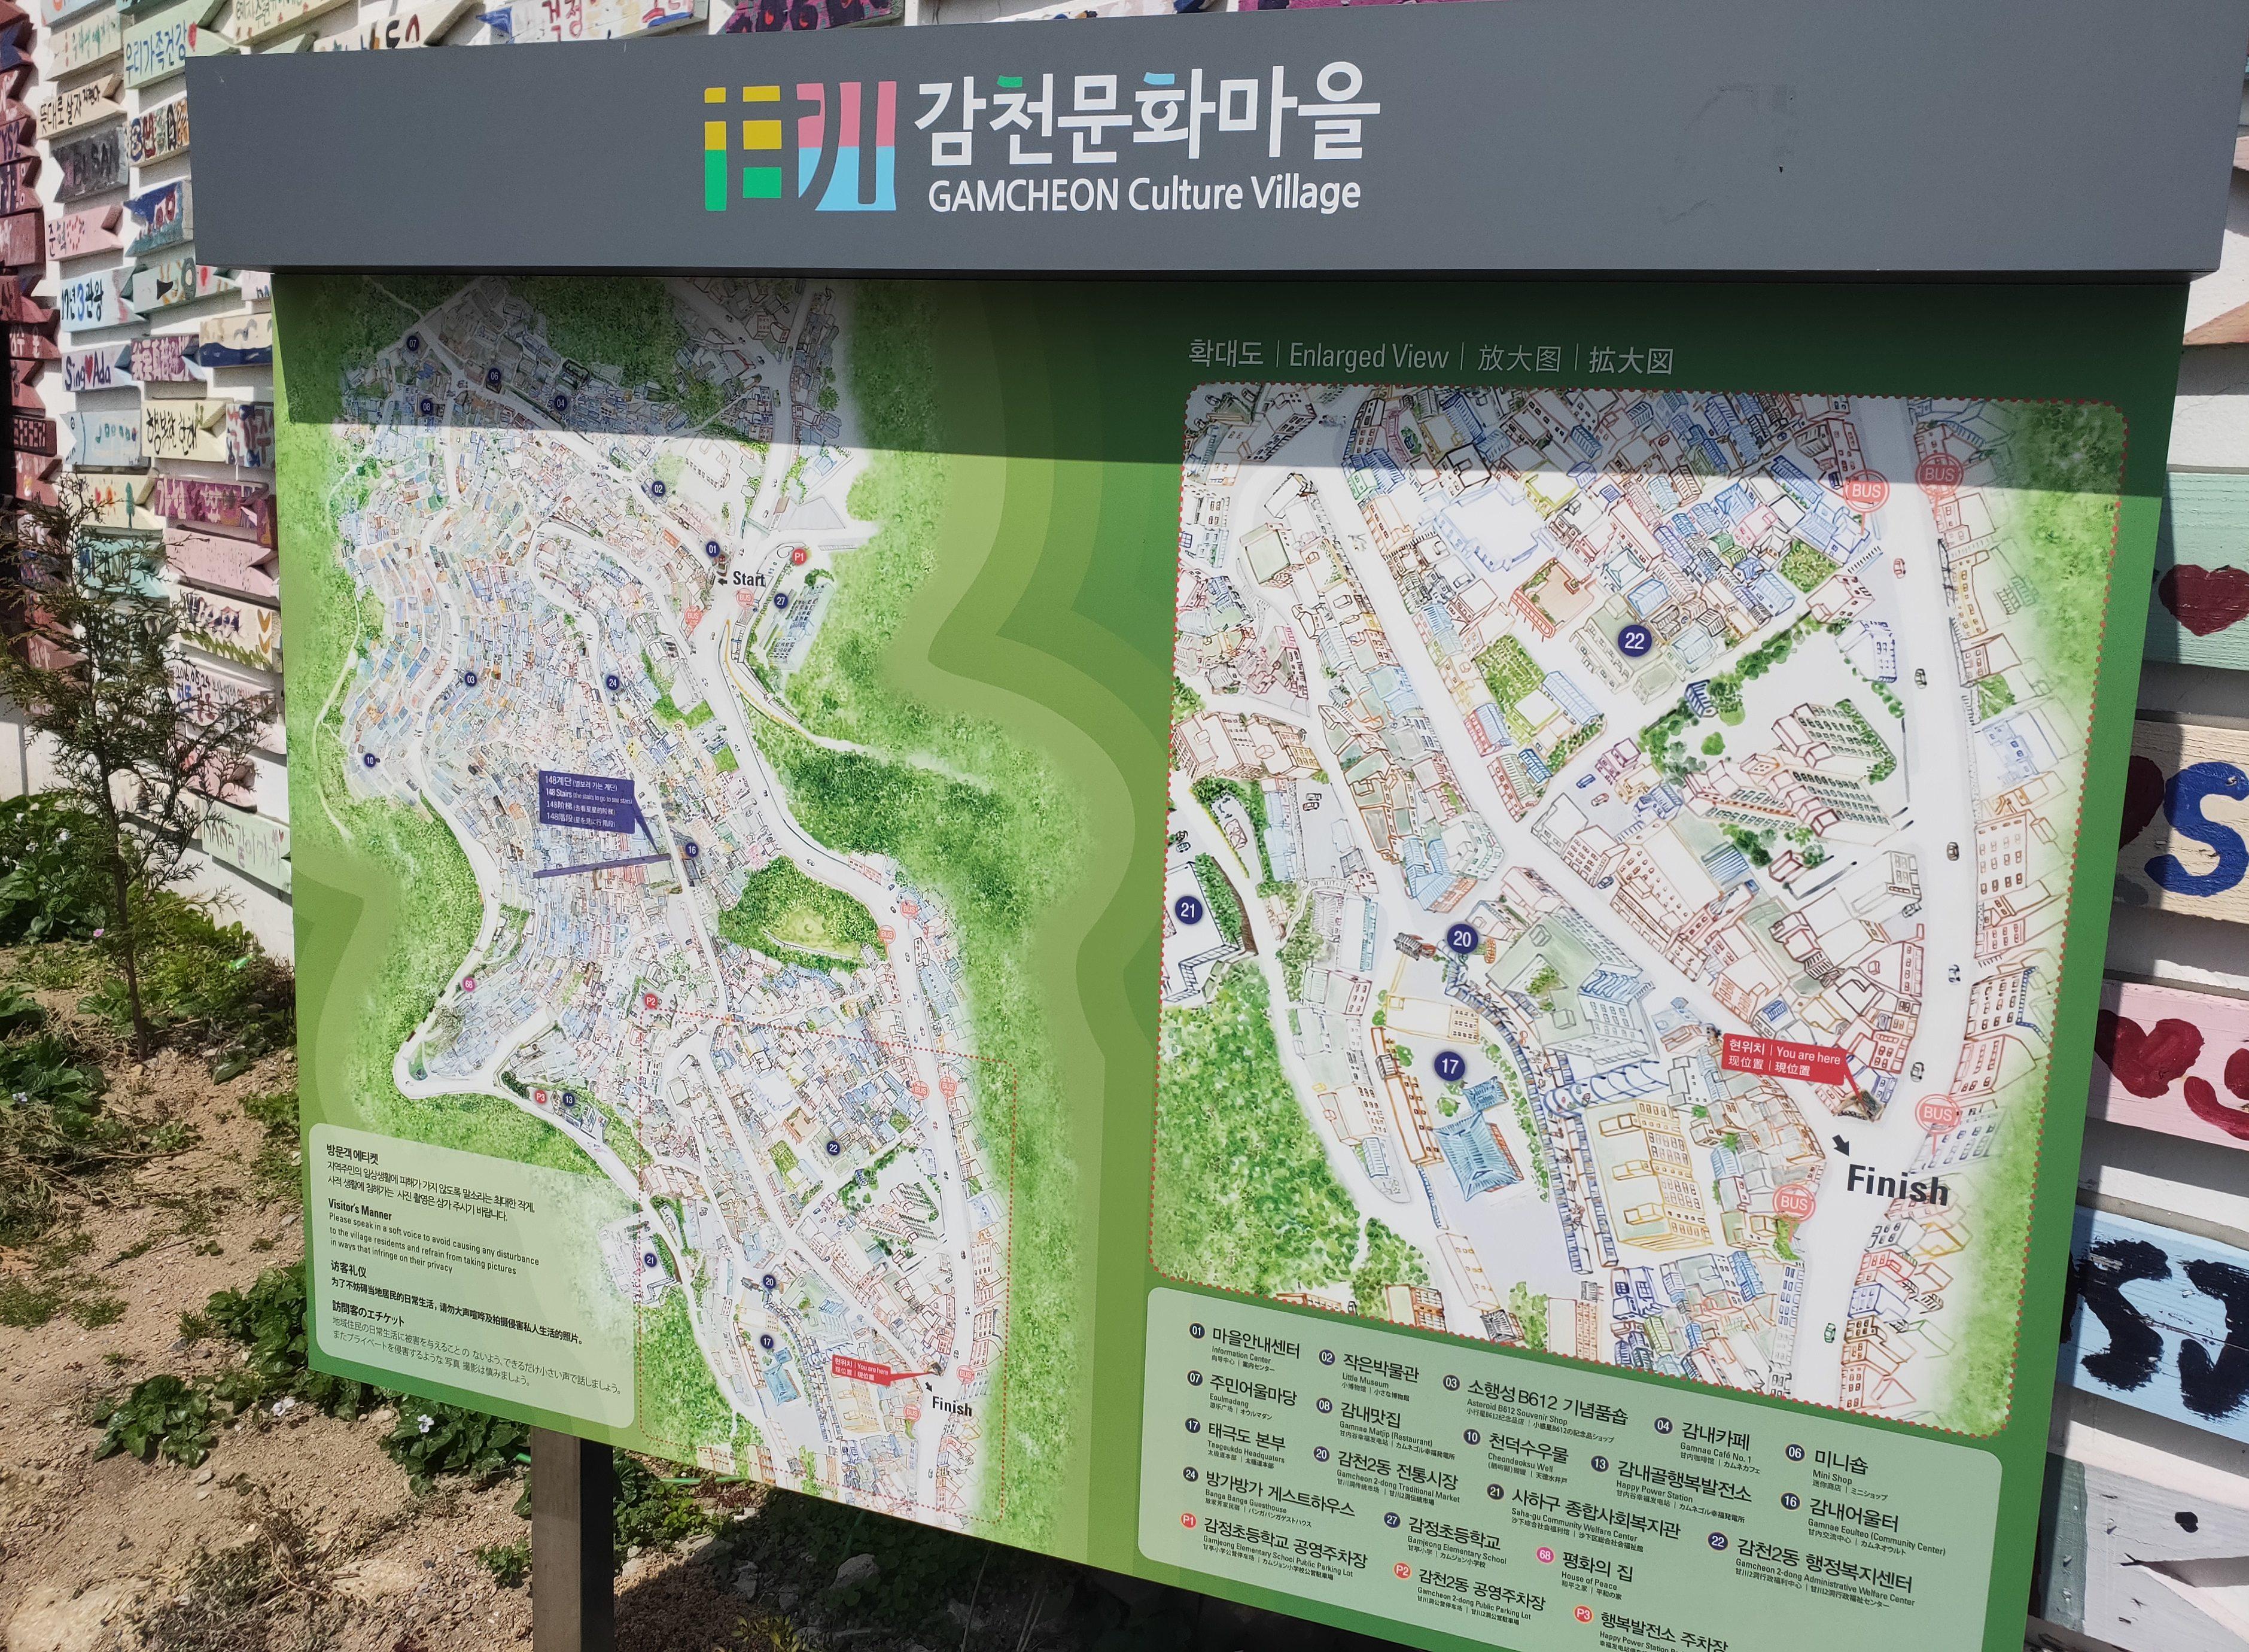 甘川洞文化村マップ